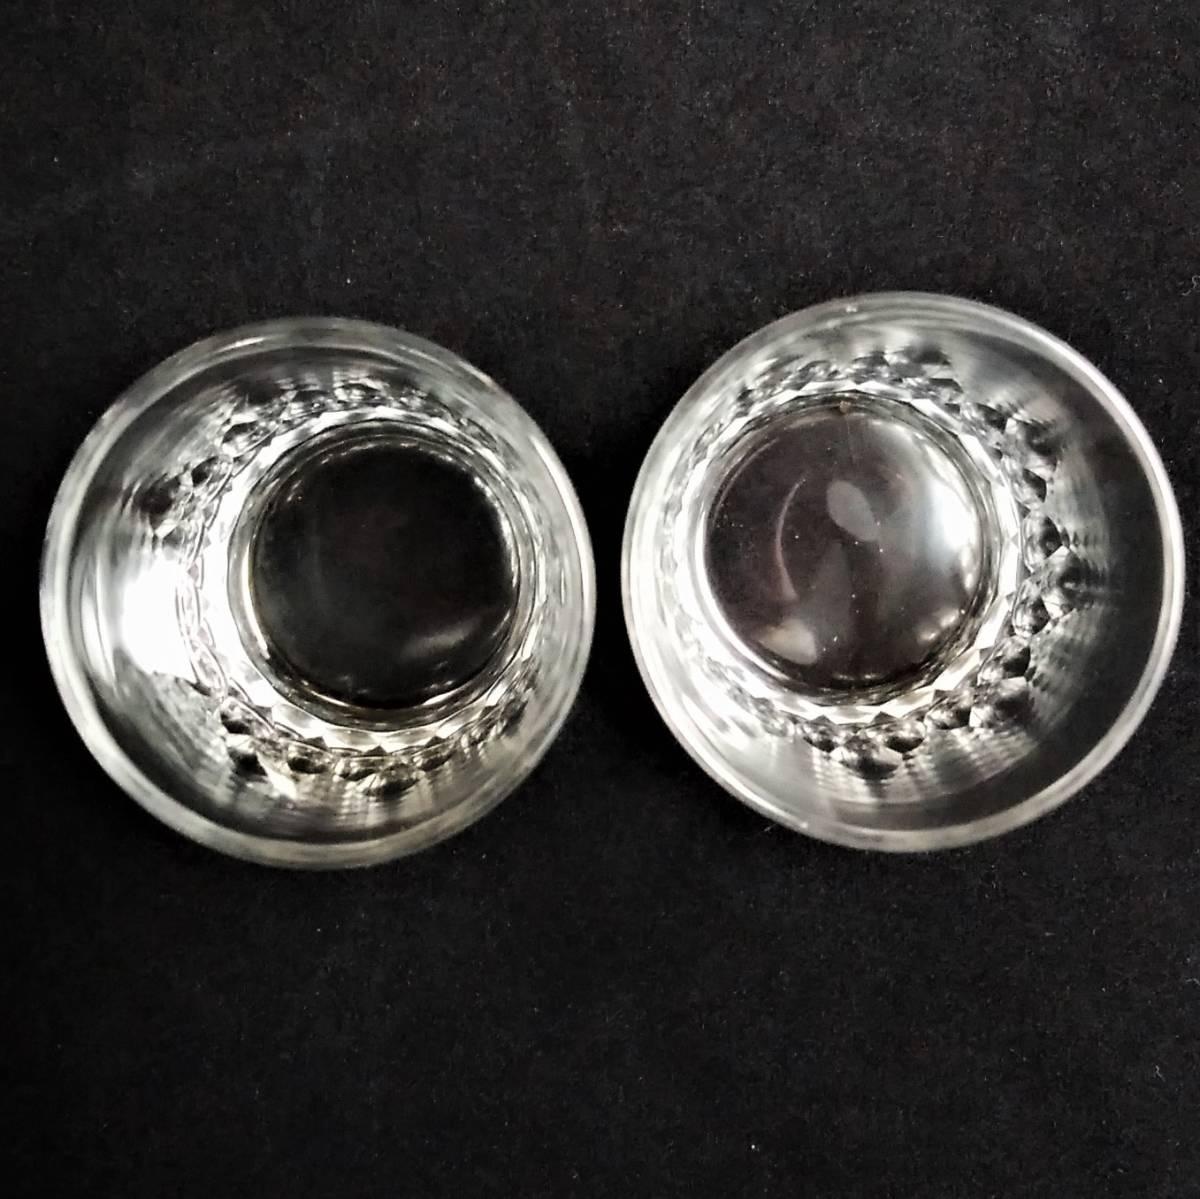 バカラ BACCARAT リシュリュー Richelieu ショットグラス リキュールグラス 2客セット H4.7cm 087◆冷酒 クリスタル タンブラー ゴブレット_画像5